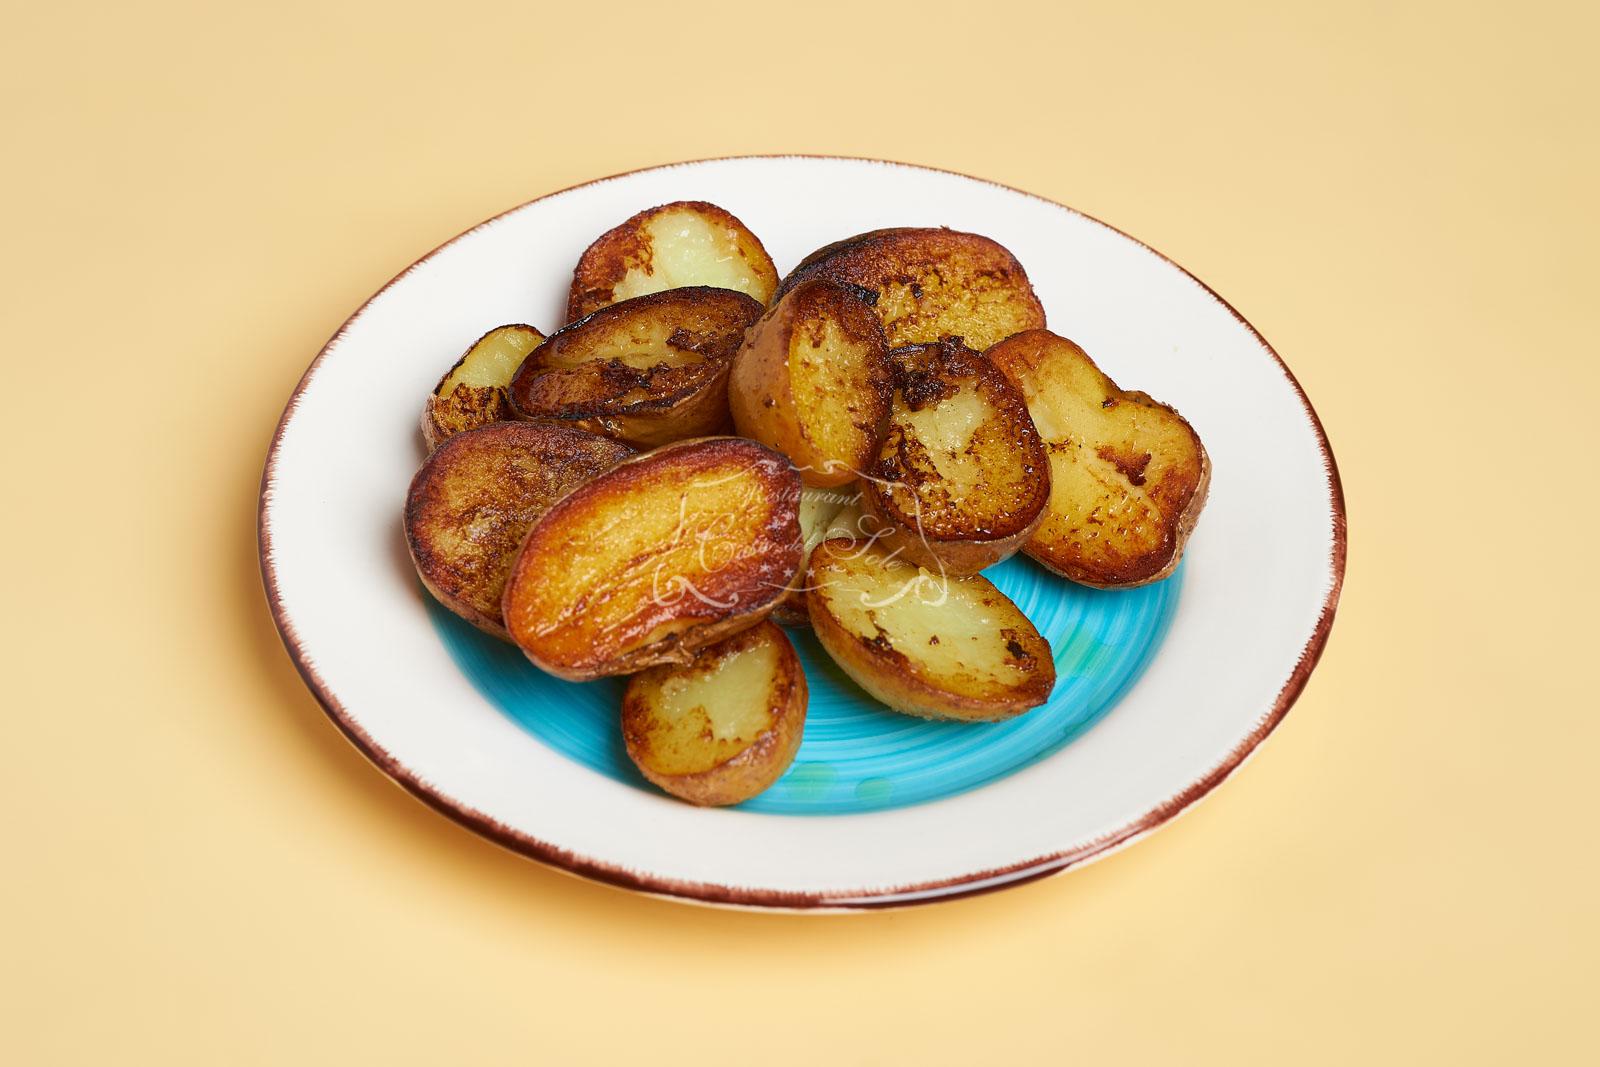 Cartofi noi fripti in untura de rata 0.6 kg livram acasa ori la birou in Timisoara